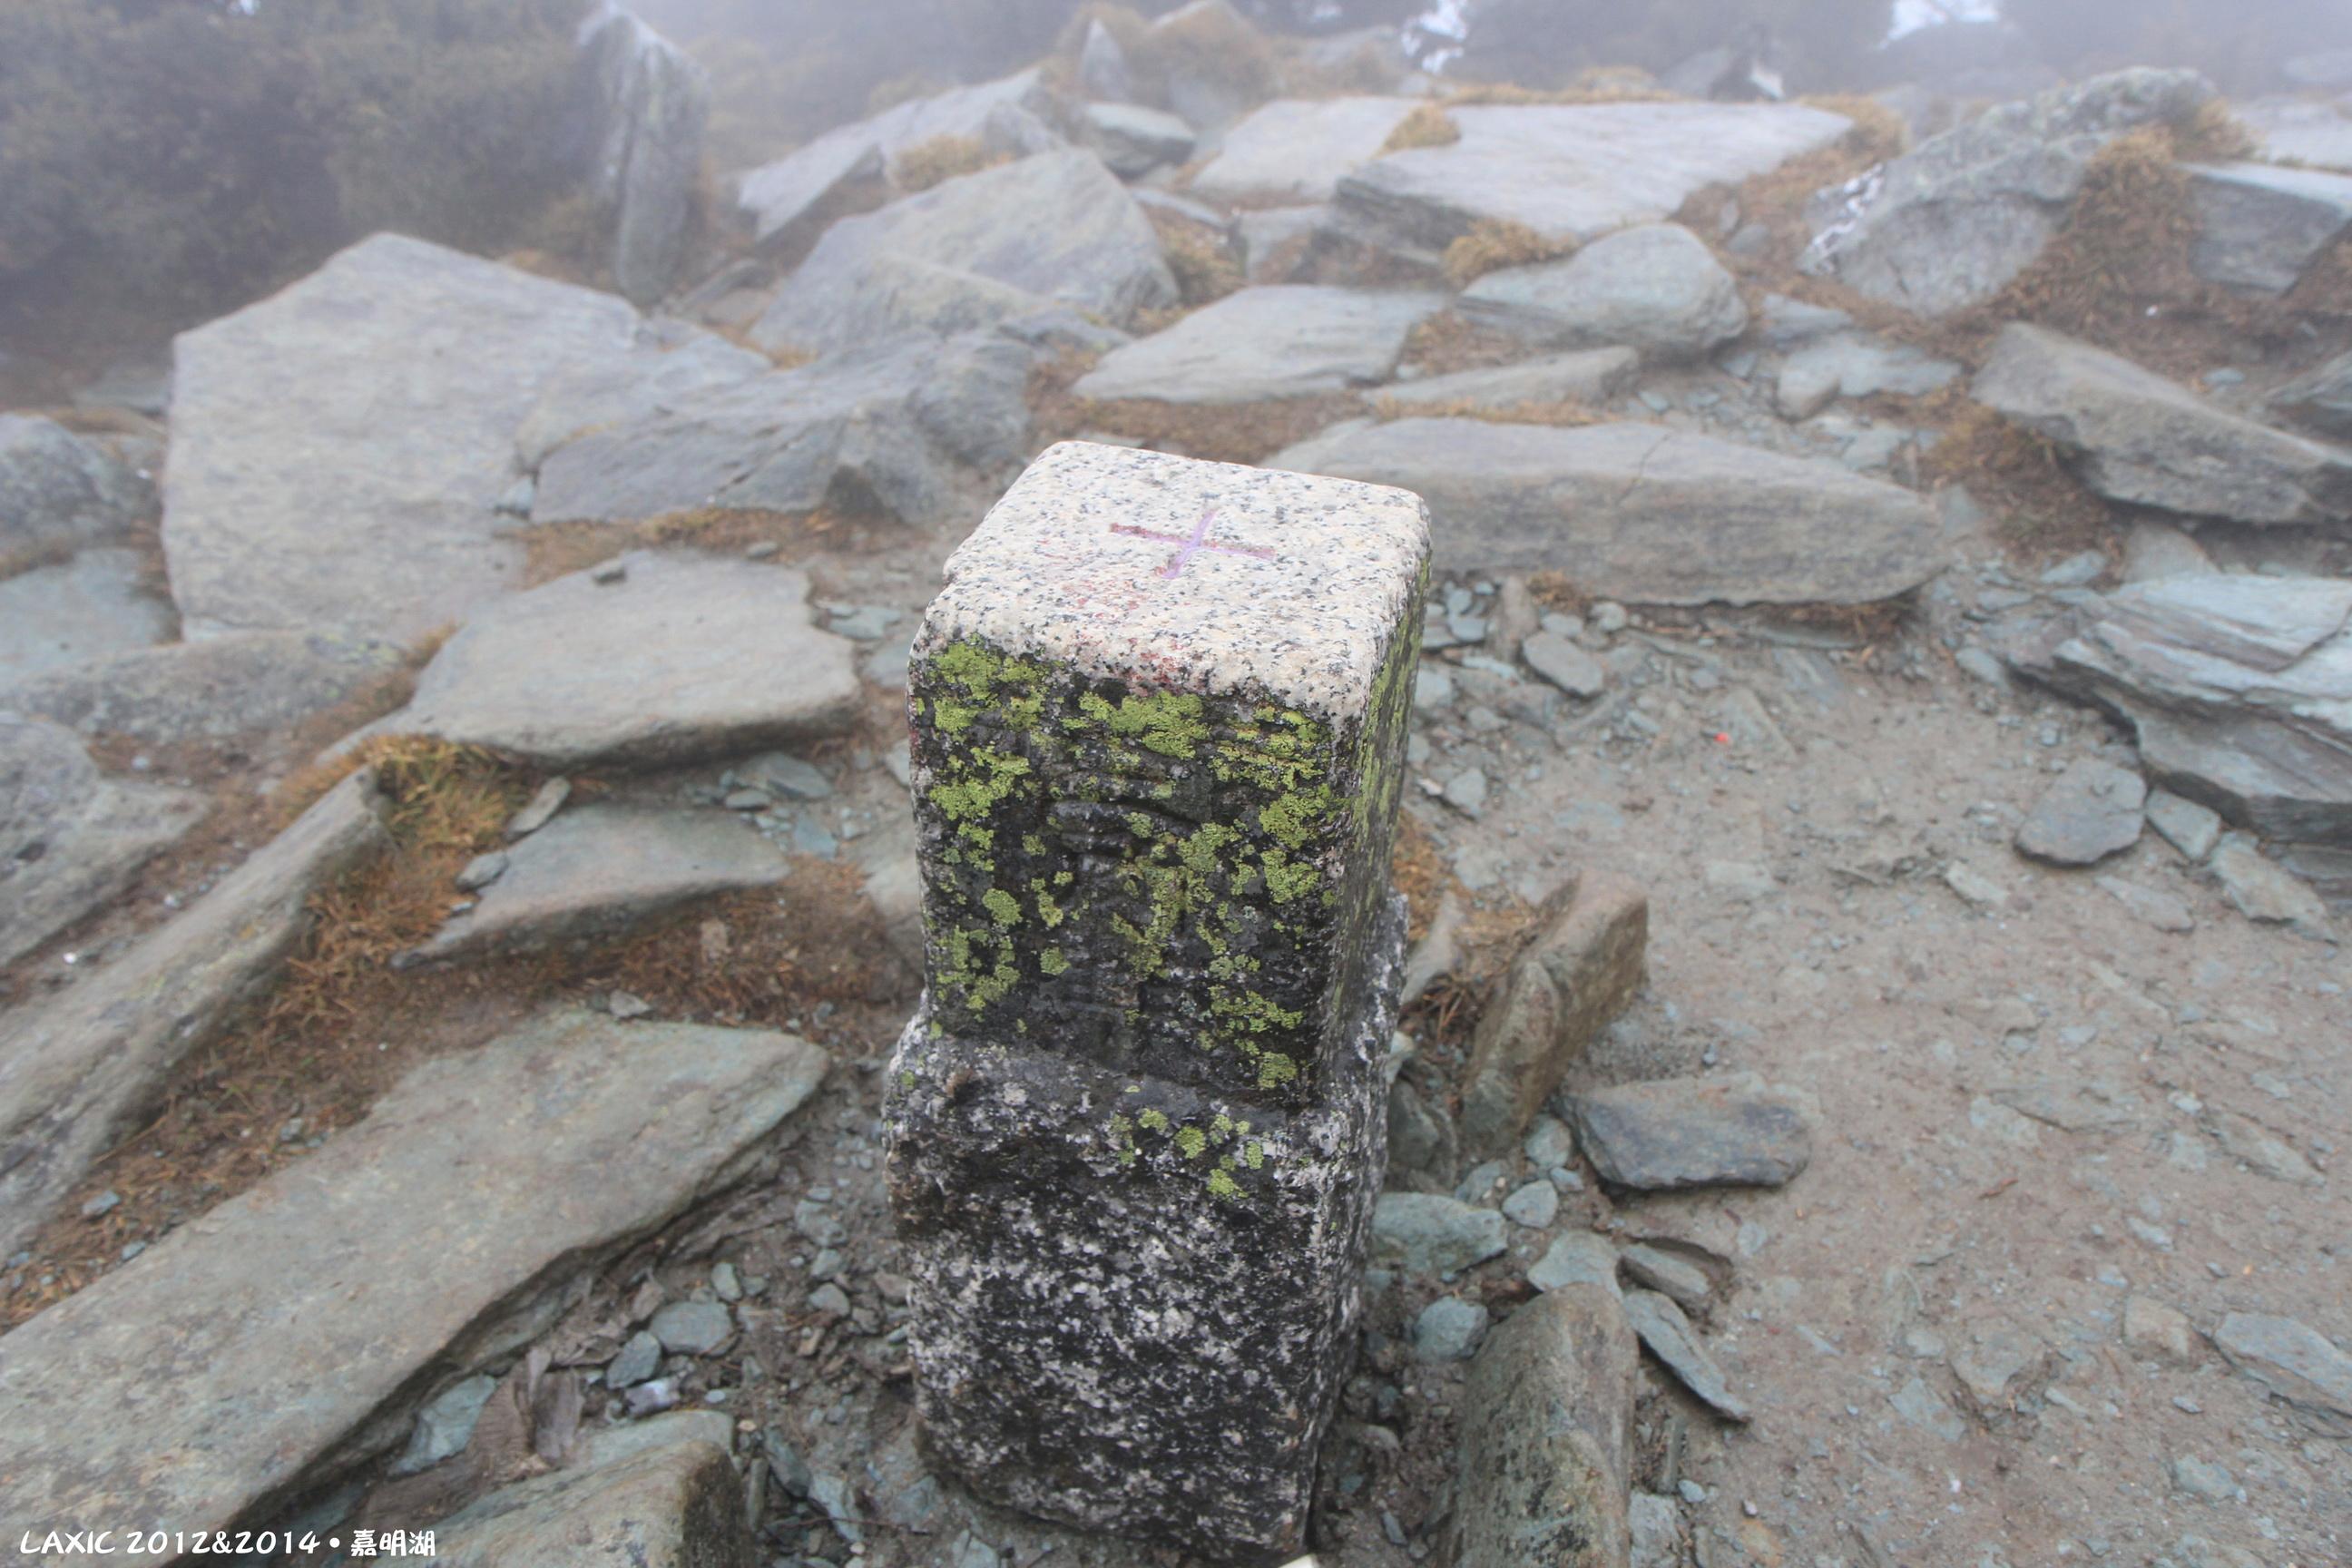 2012&2014˙嘉明湖